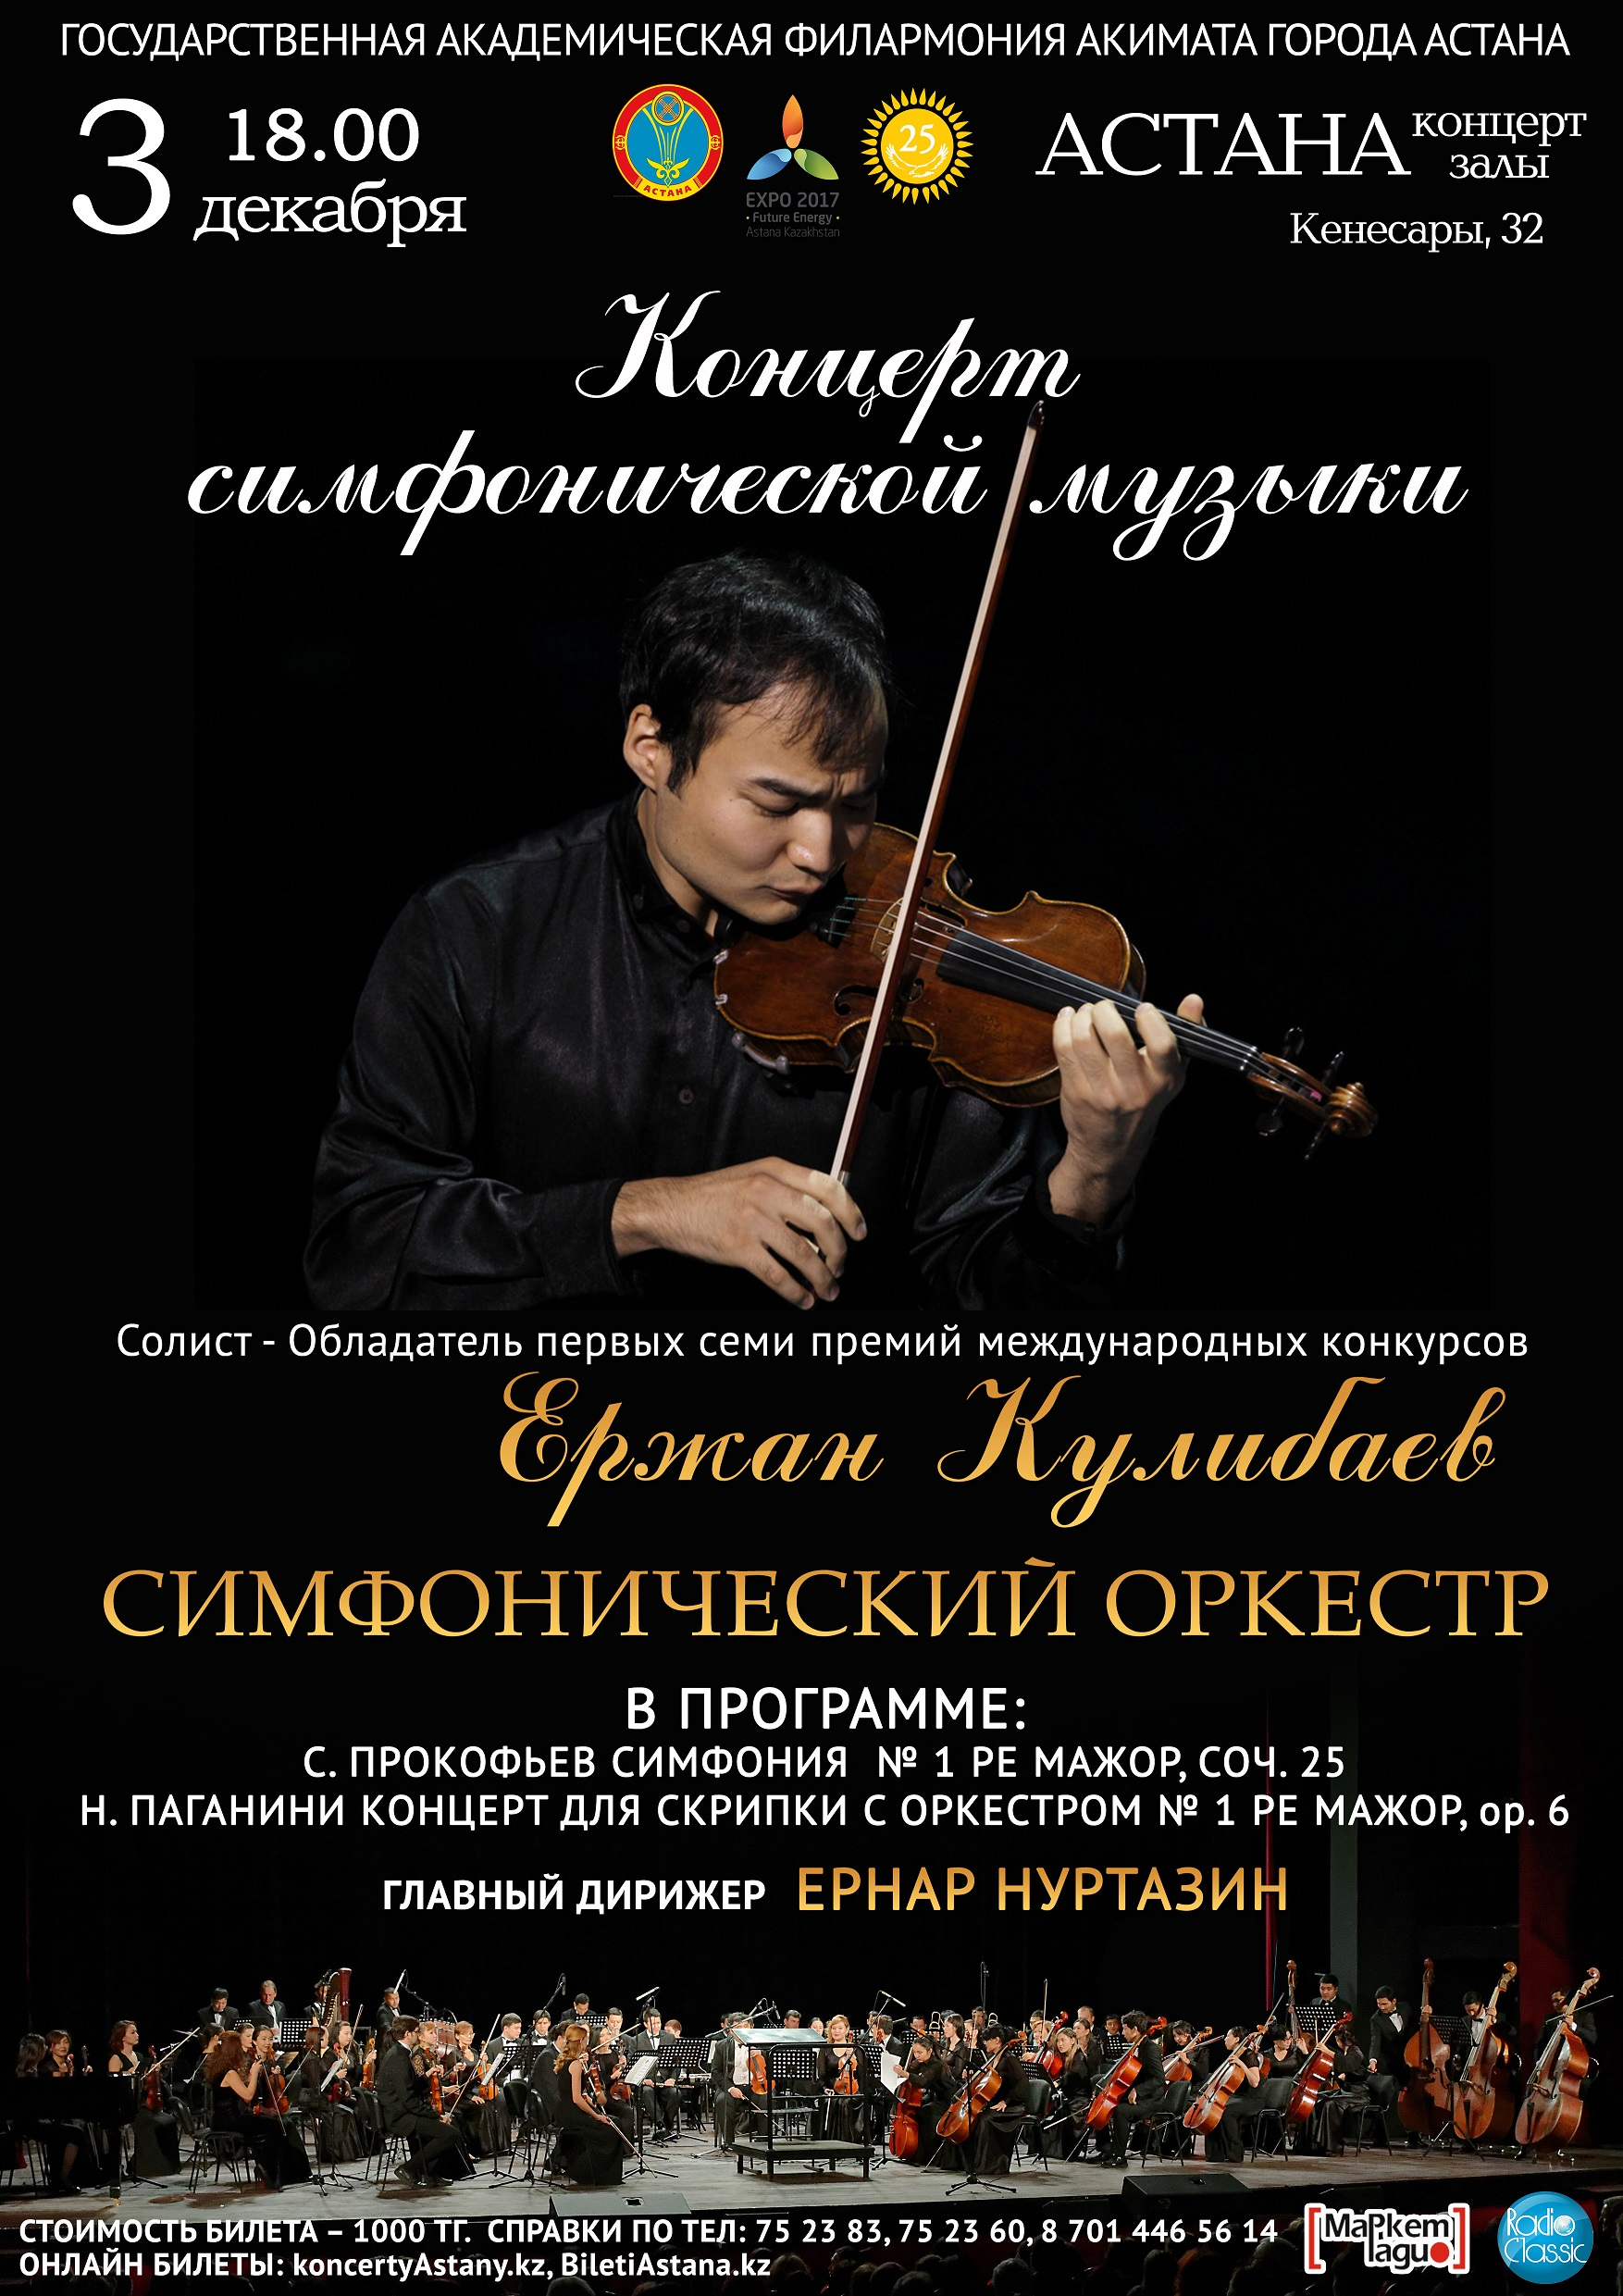 Симфонический оркестр, солист Ержан Кулибаев